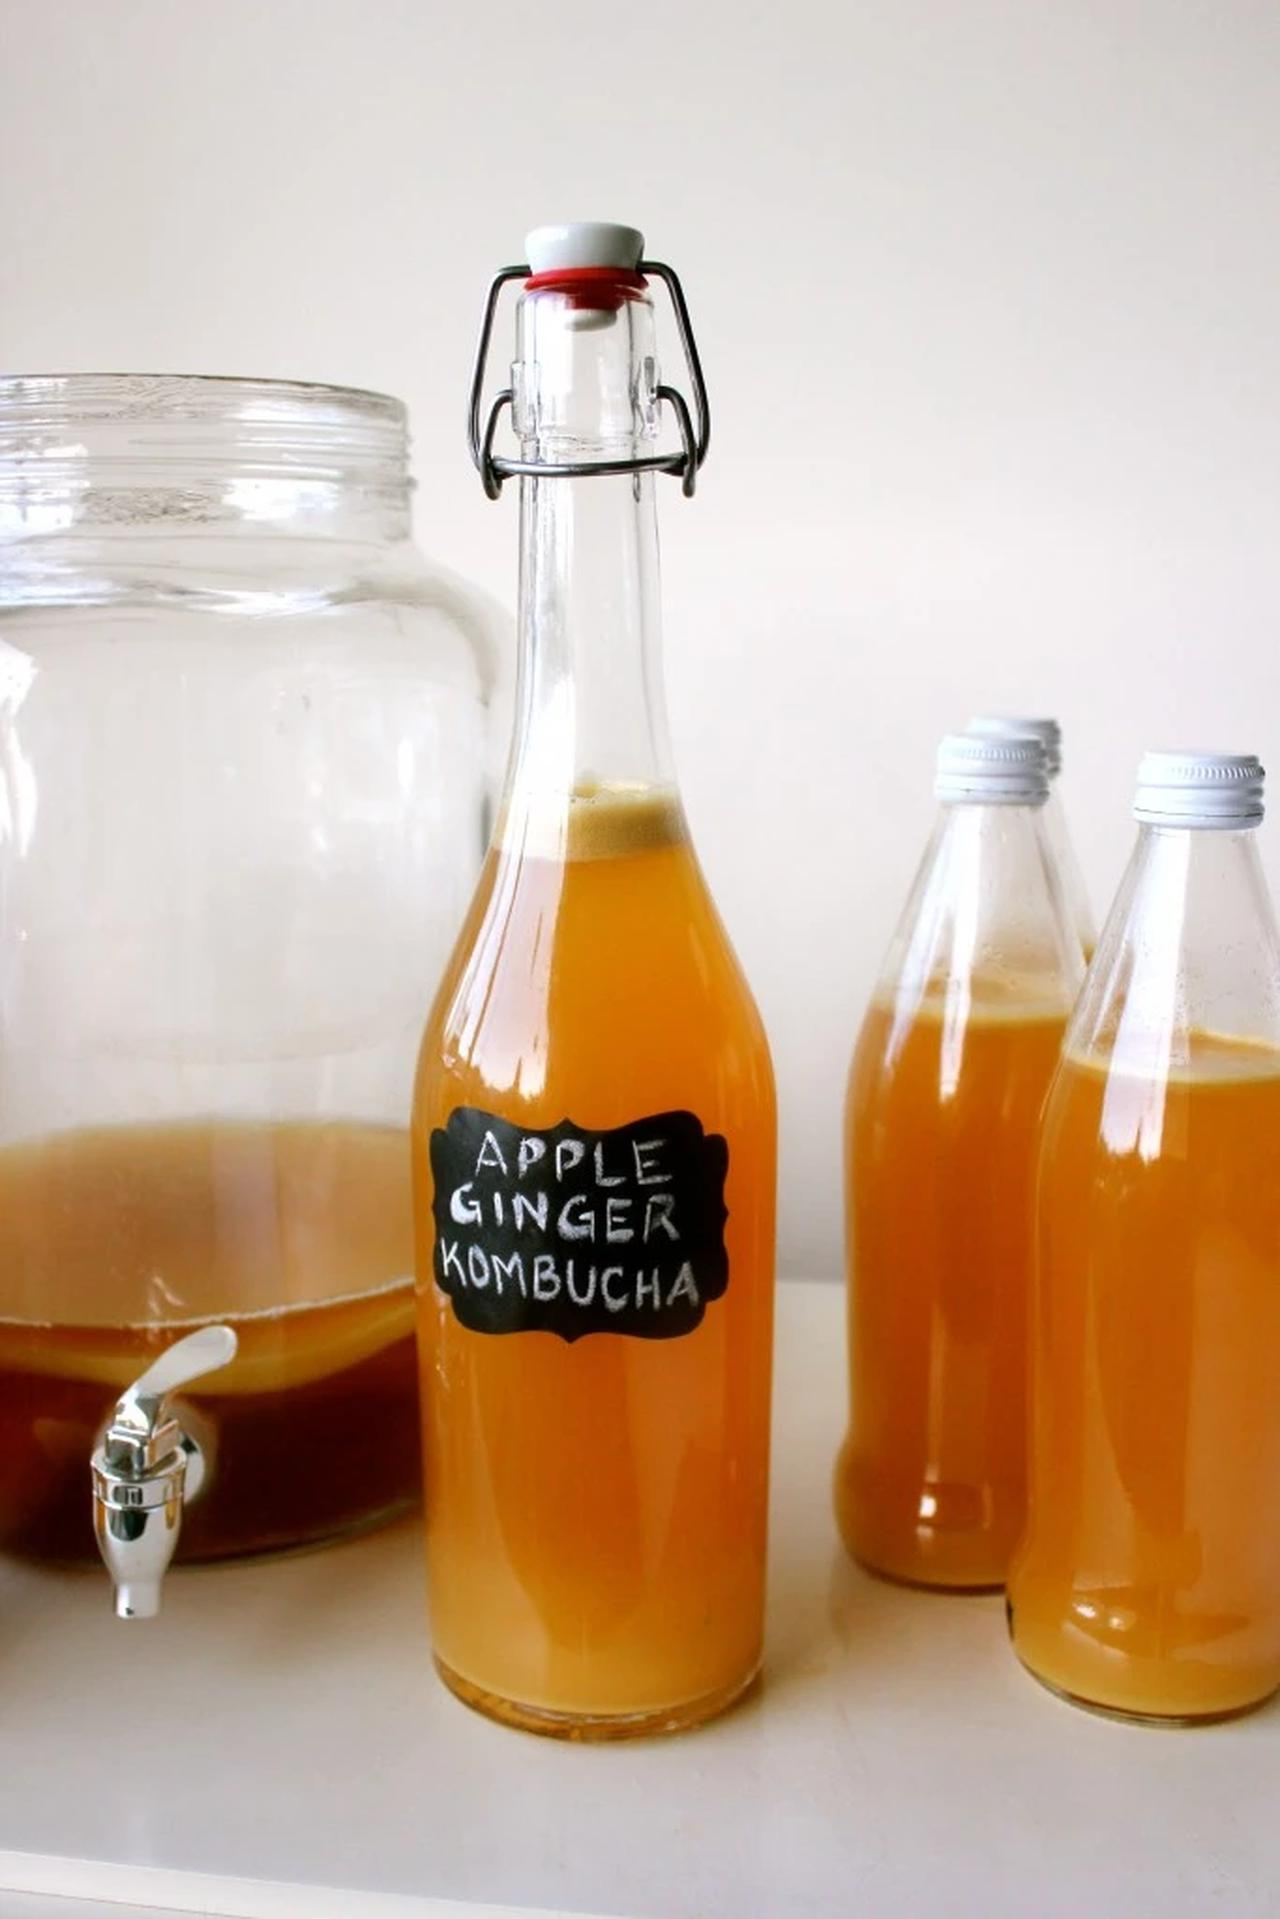 Main image of Homemade Kombucha: Continuous Brew